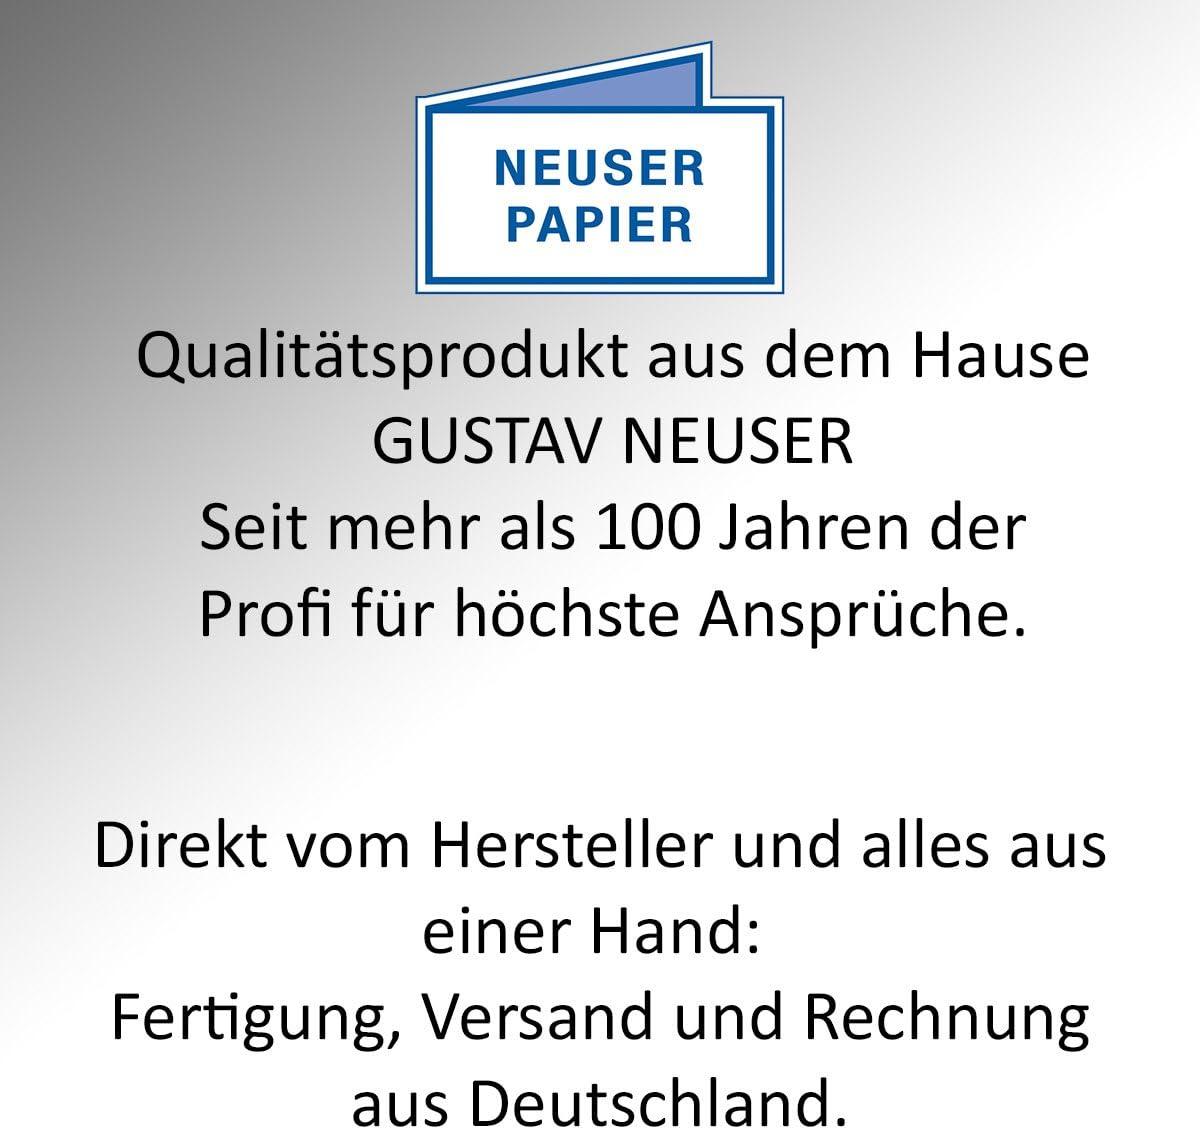 sehr formstabil 400 St/ück Einzelkarten DIN Lang Matt 250 g//m/² f/ür Drucker geeignet Ideal f/ür Gru/ßkarten und Einladungen Hochwei/ß -Premium QUALIT/ÄT Gustav NEUSER 99 x 210 mm